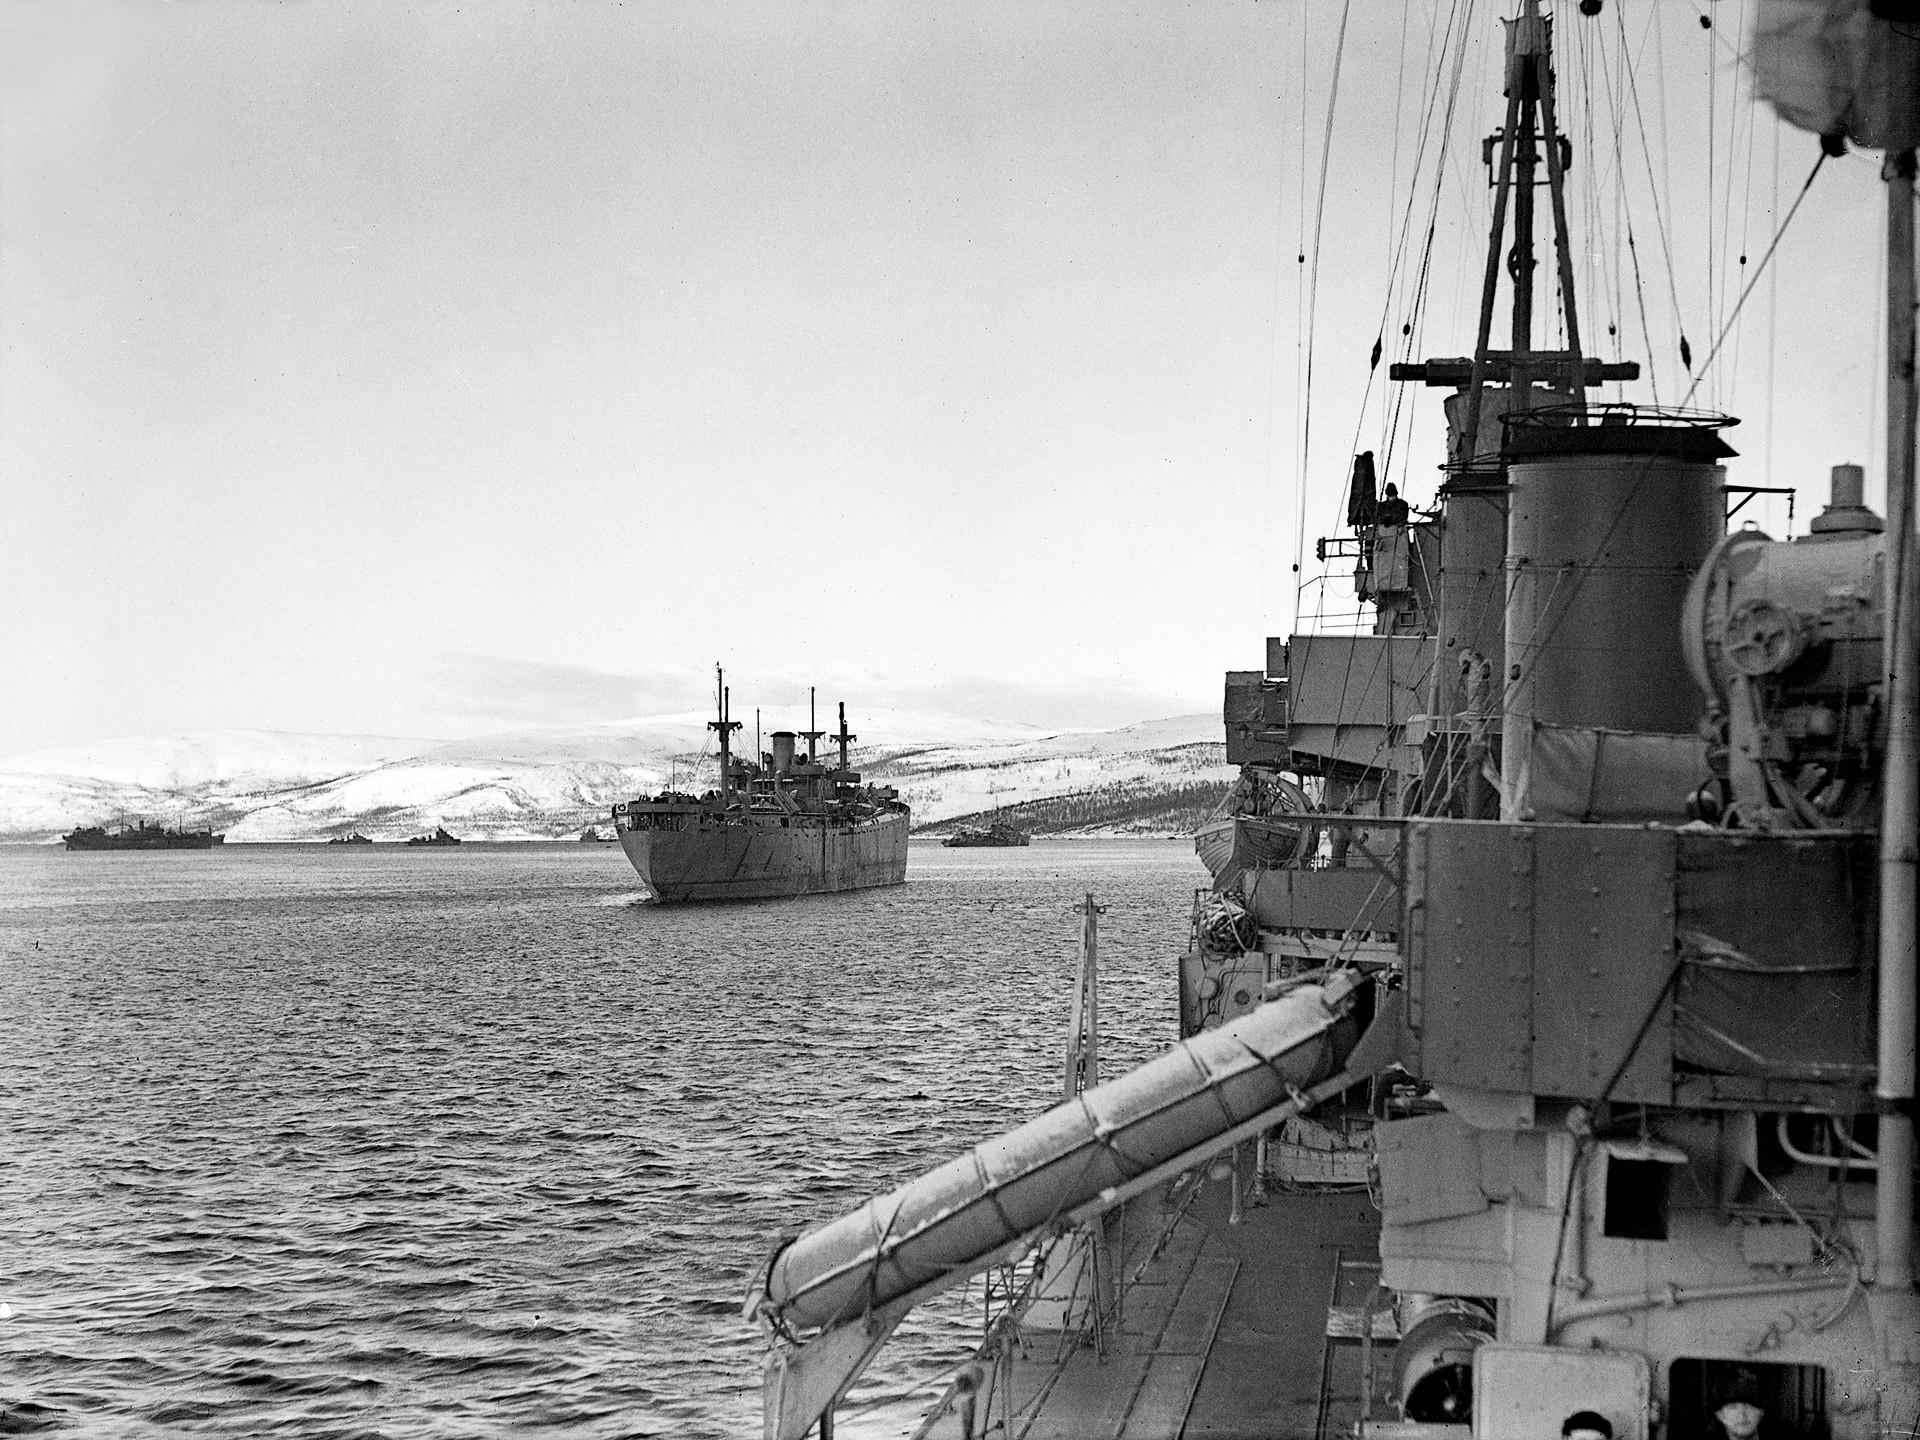 Конвој RA-53 испловљава из Колског залива, 1. март 1943. године.